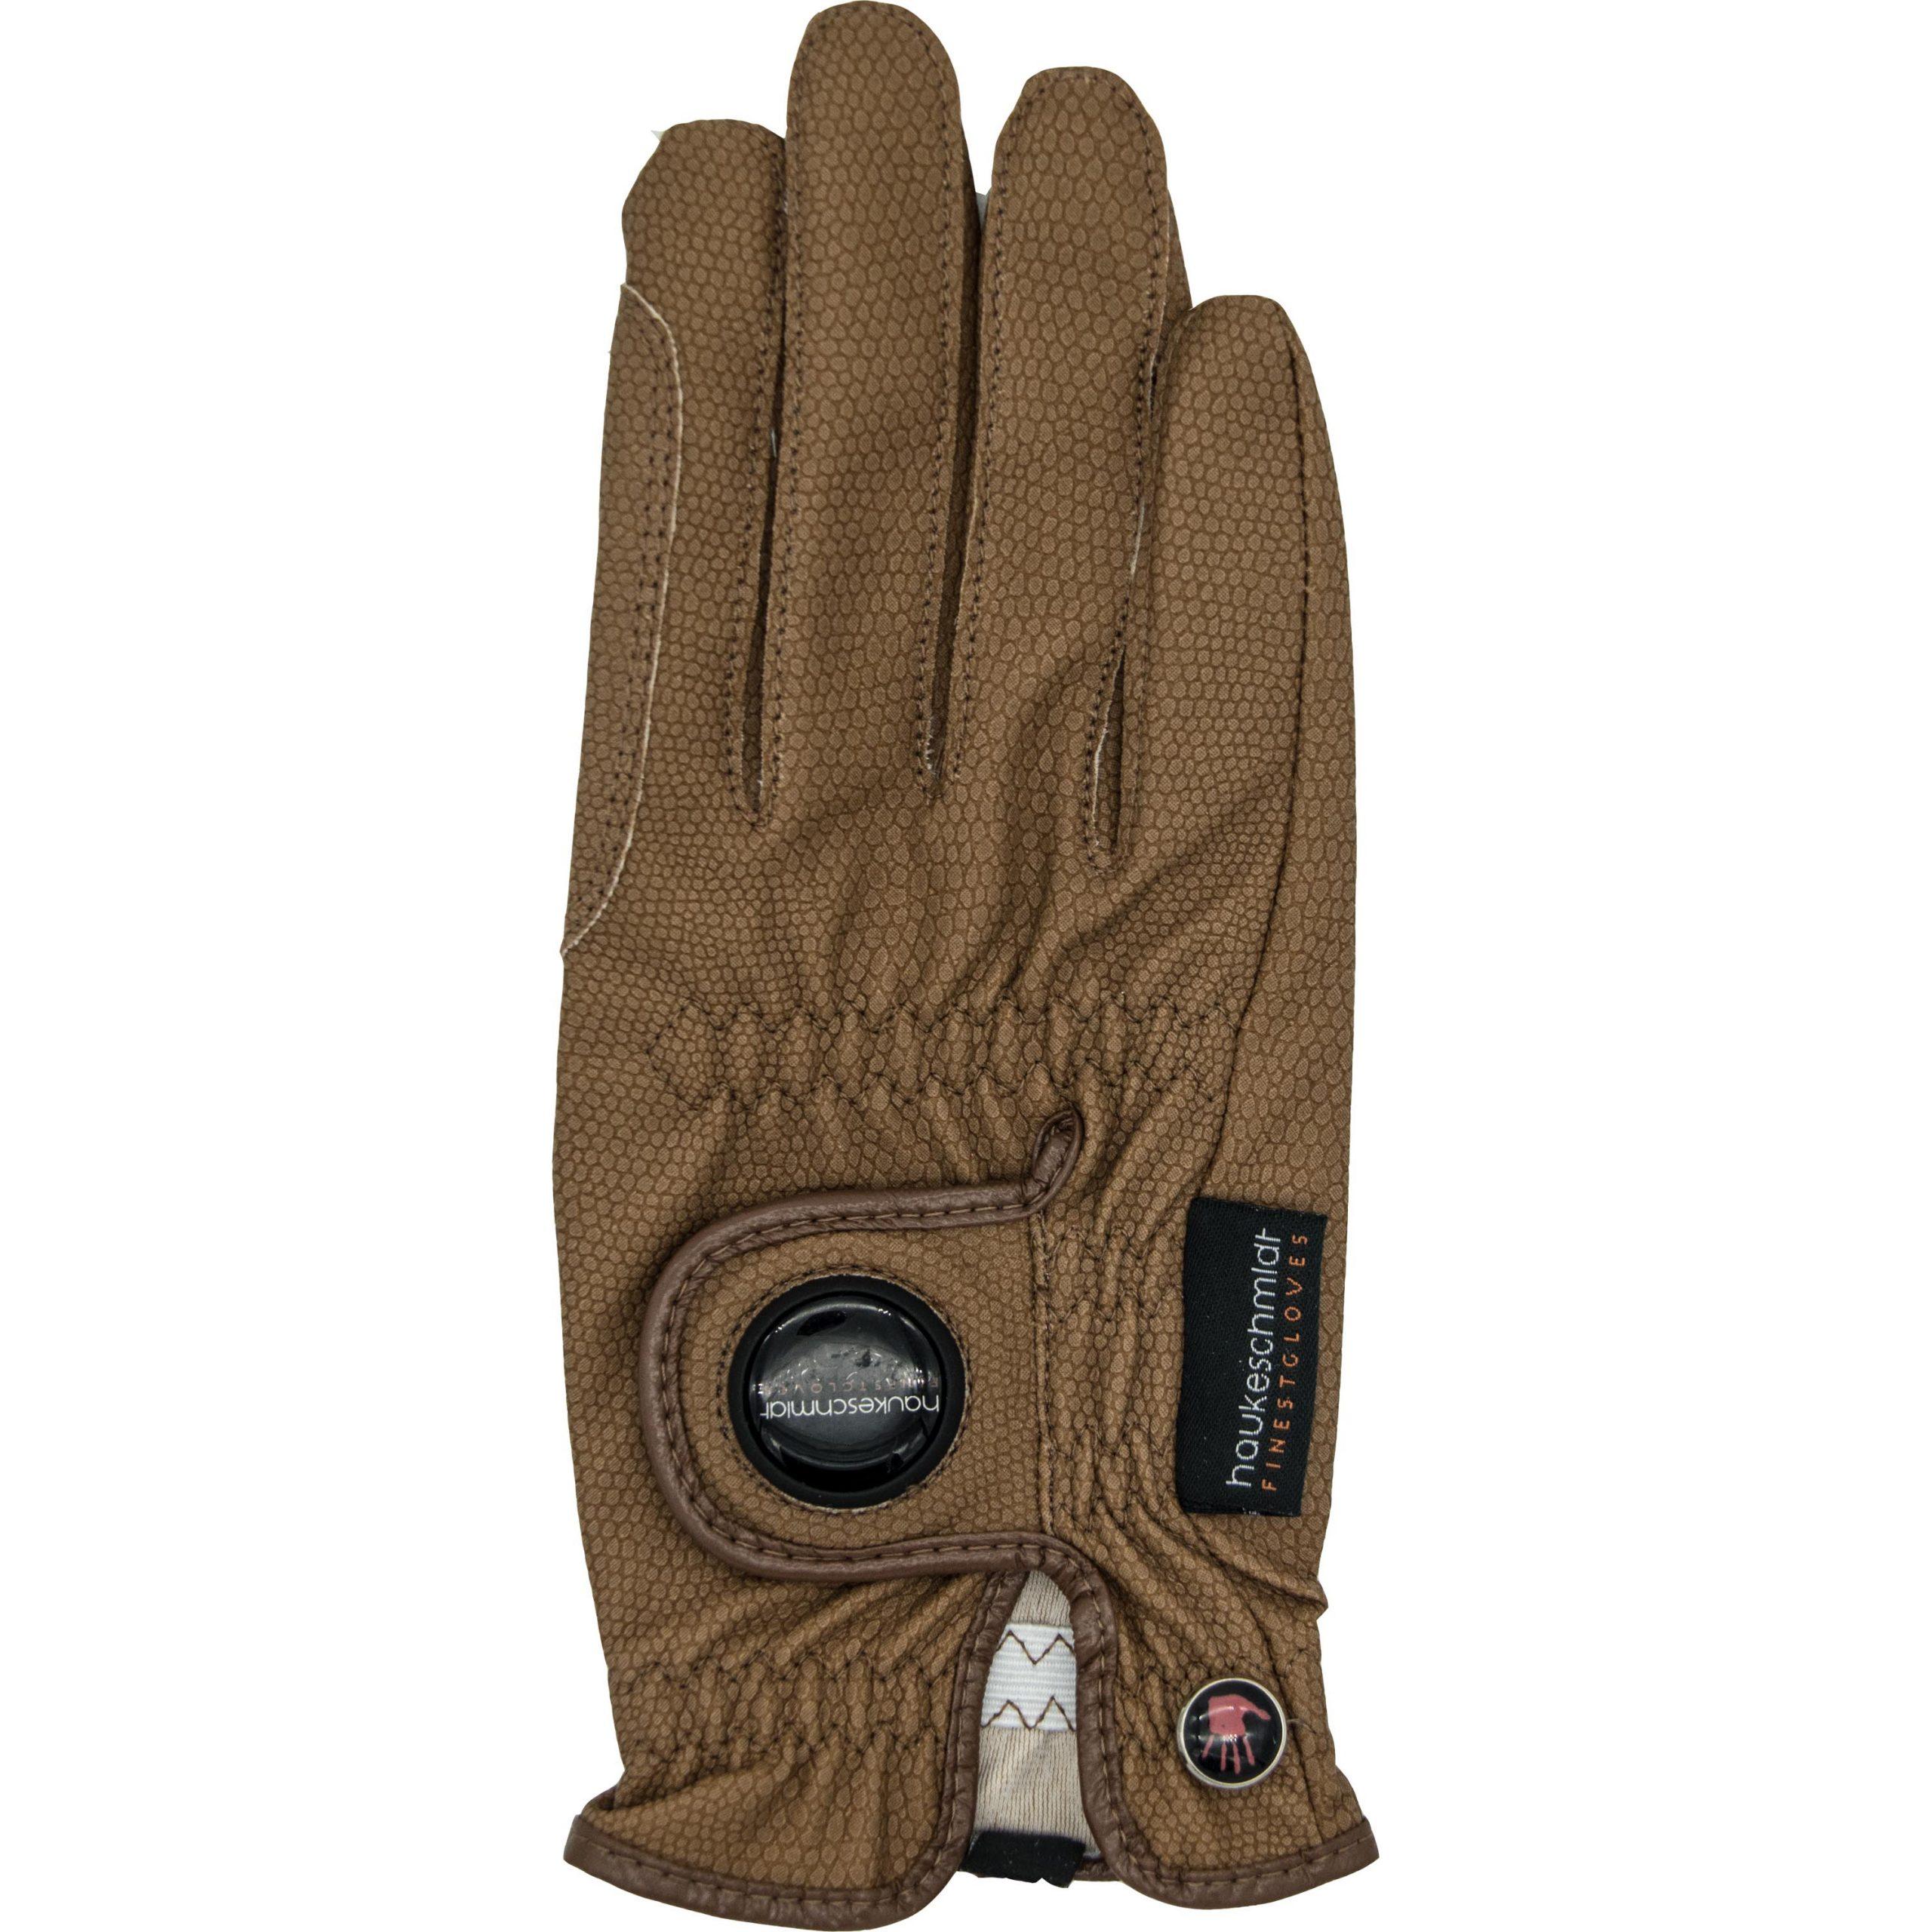 Hauke Schmidt Handschuh A Touch Of Class Caramel